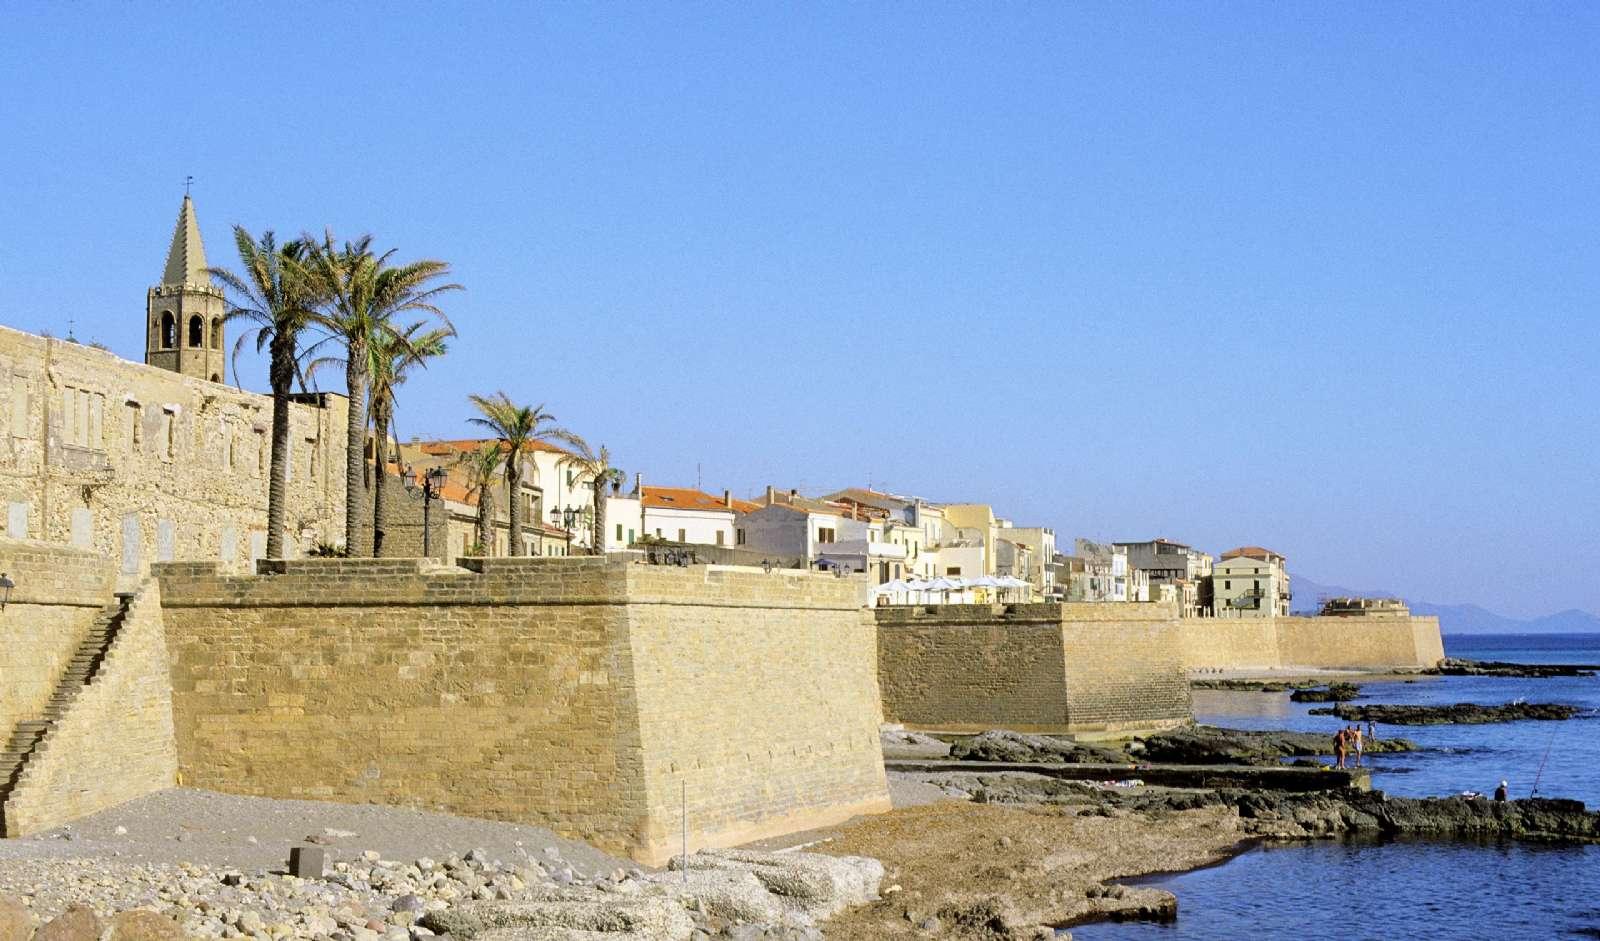 Algheros ursprungliga stadsmur från medeltiden och domkyrkan Santa Marias vackra, gotiska klocktorn